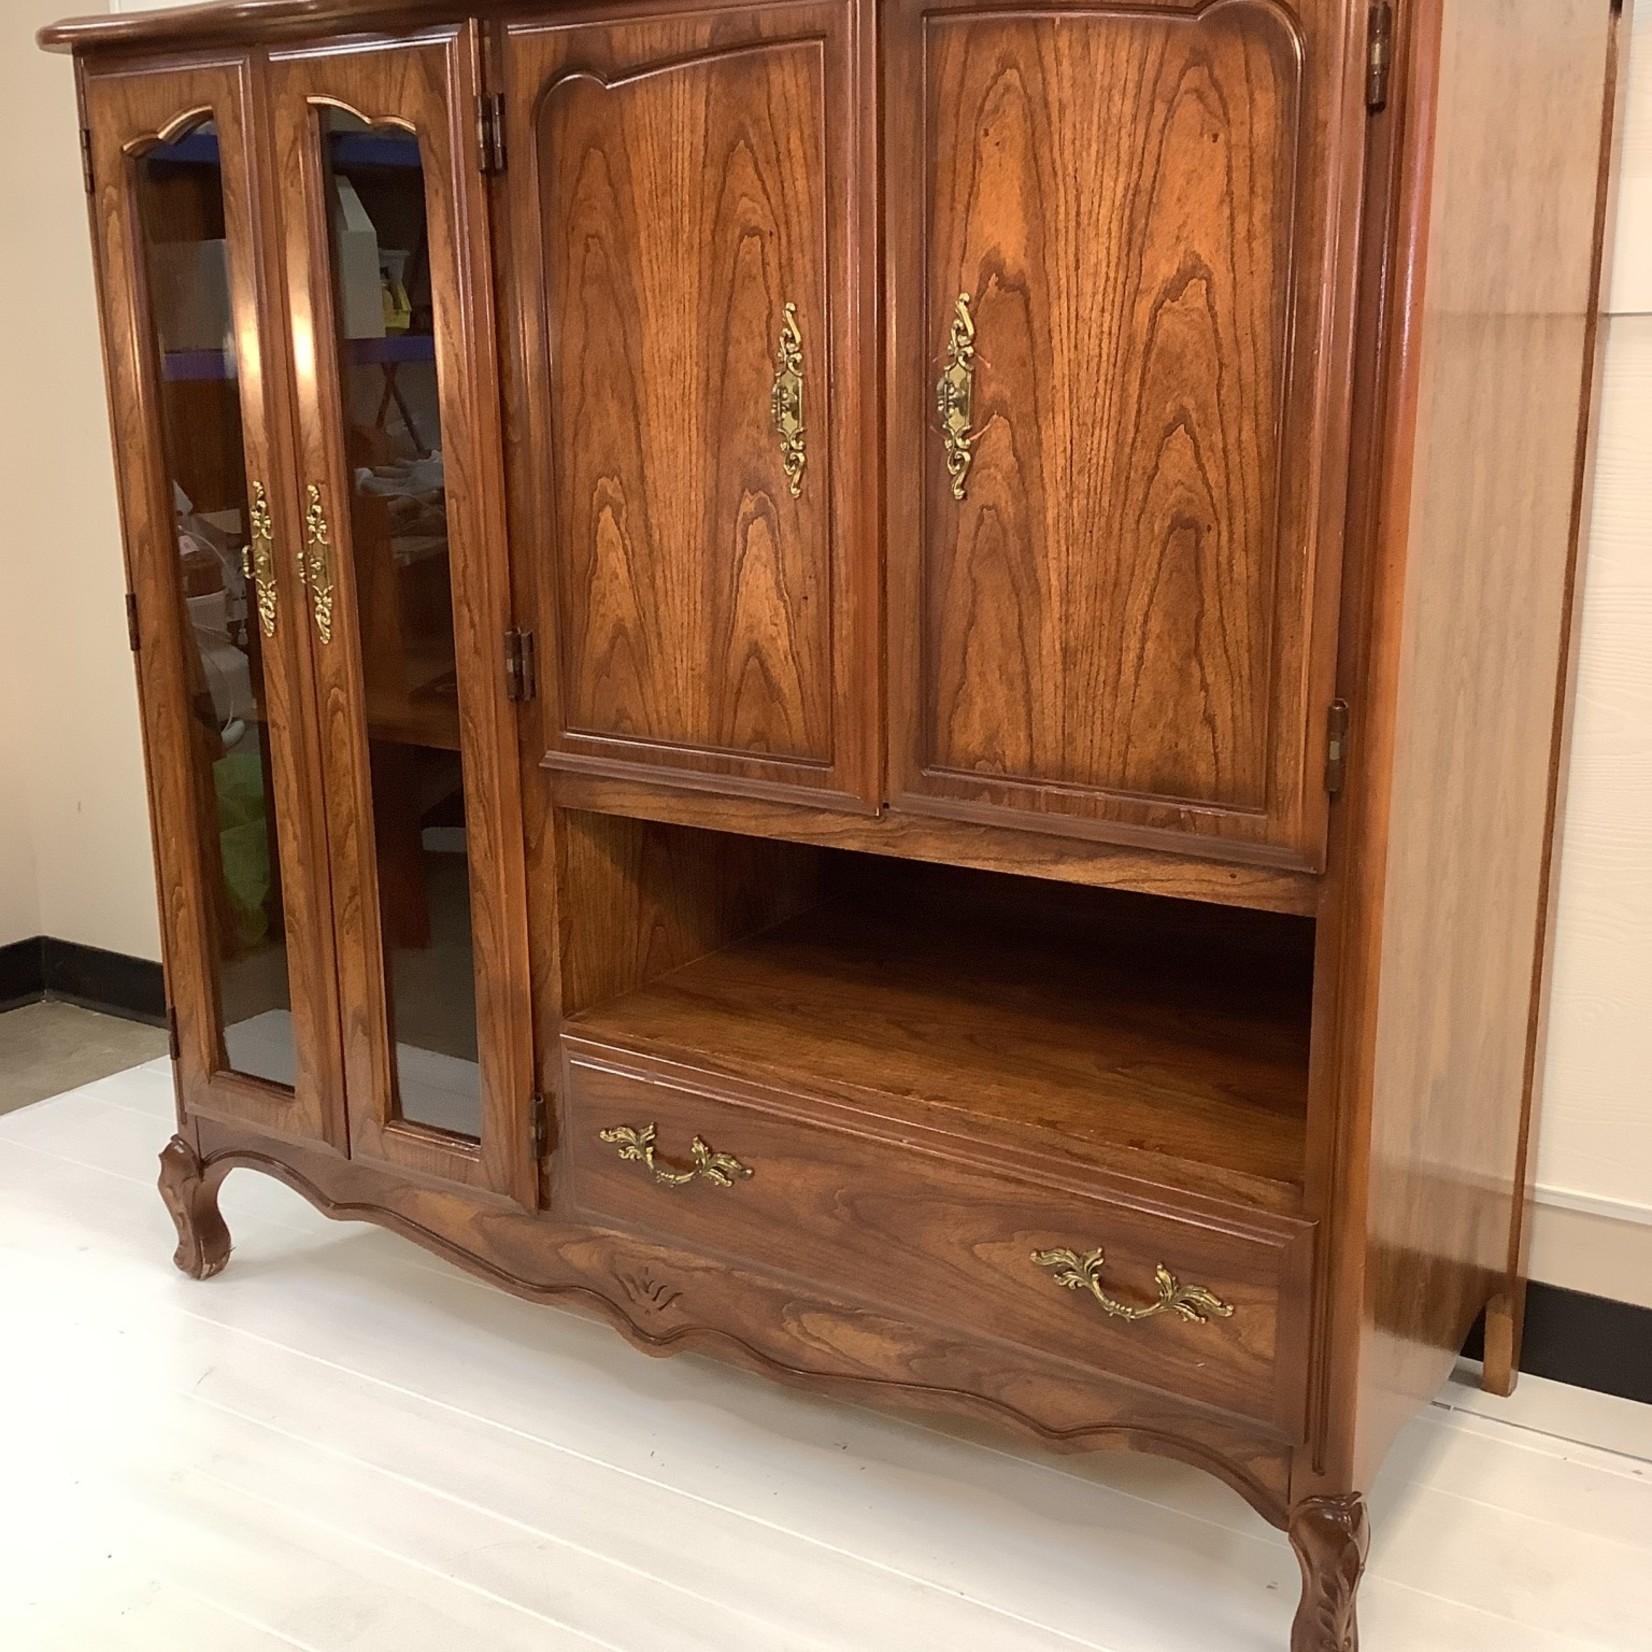 Wooden Entertainment/Shelving Unit (#1839)